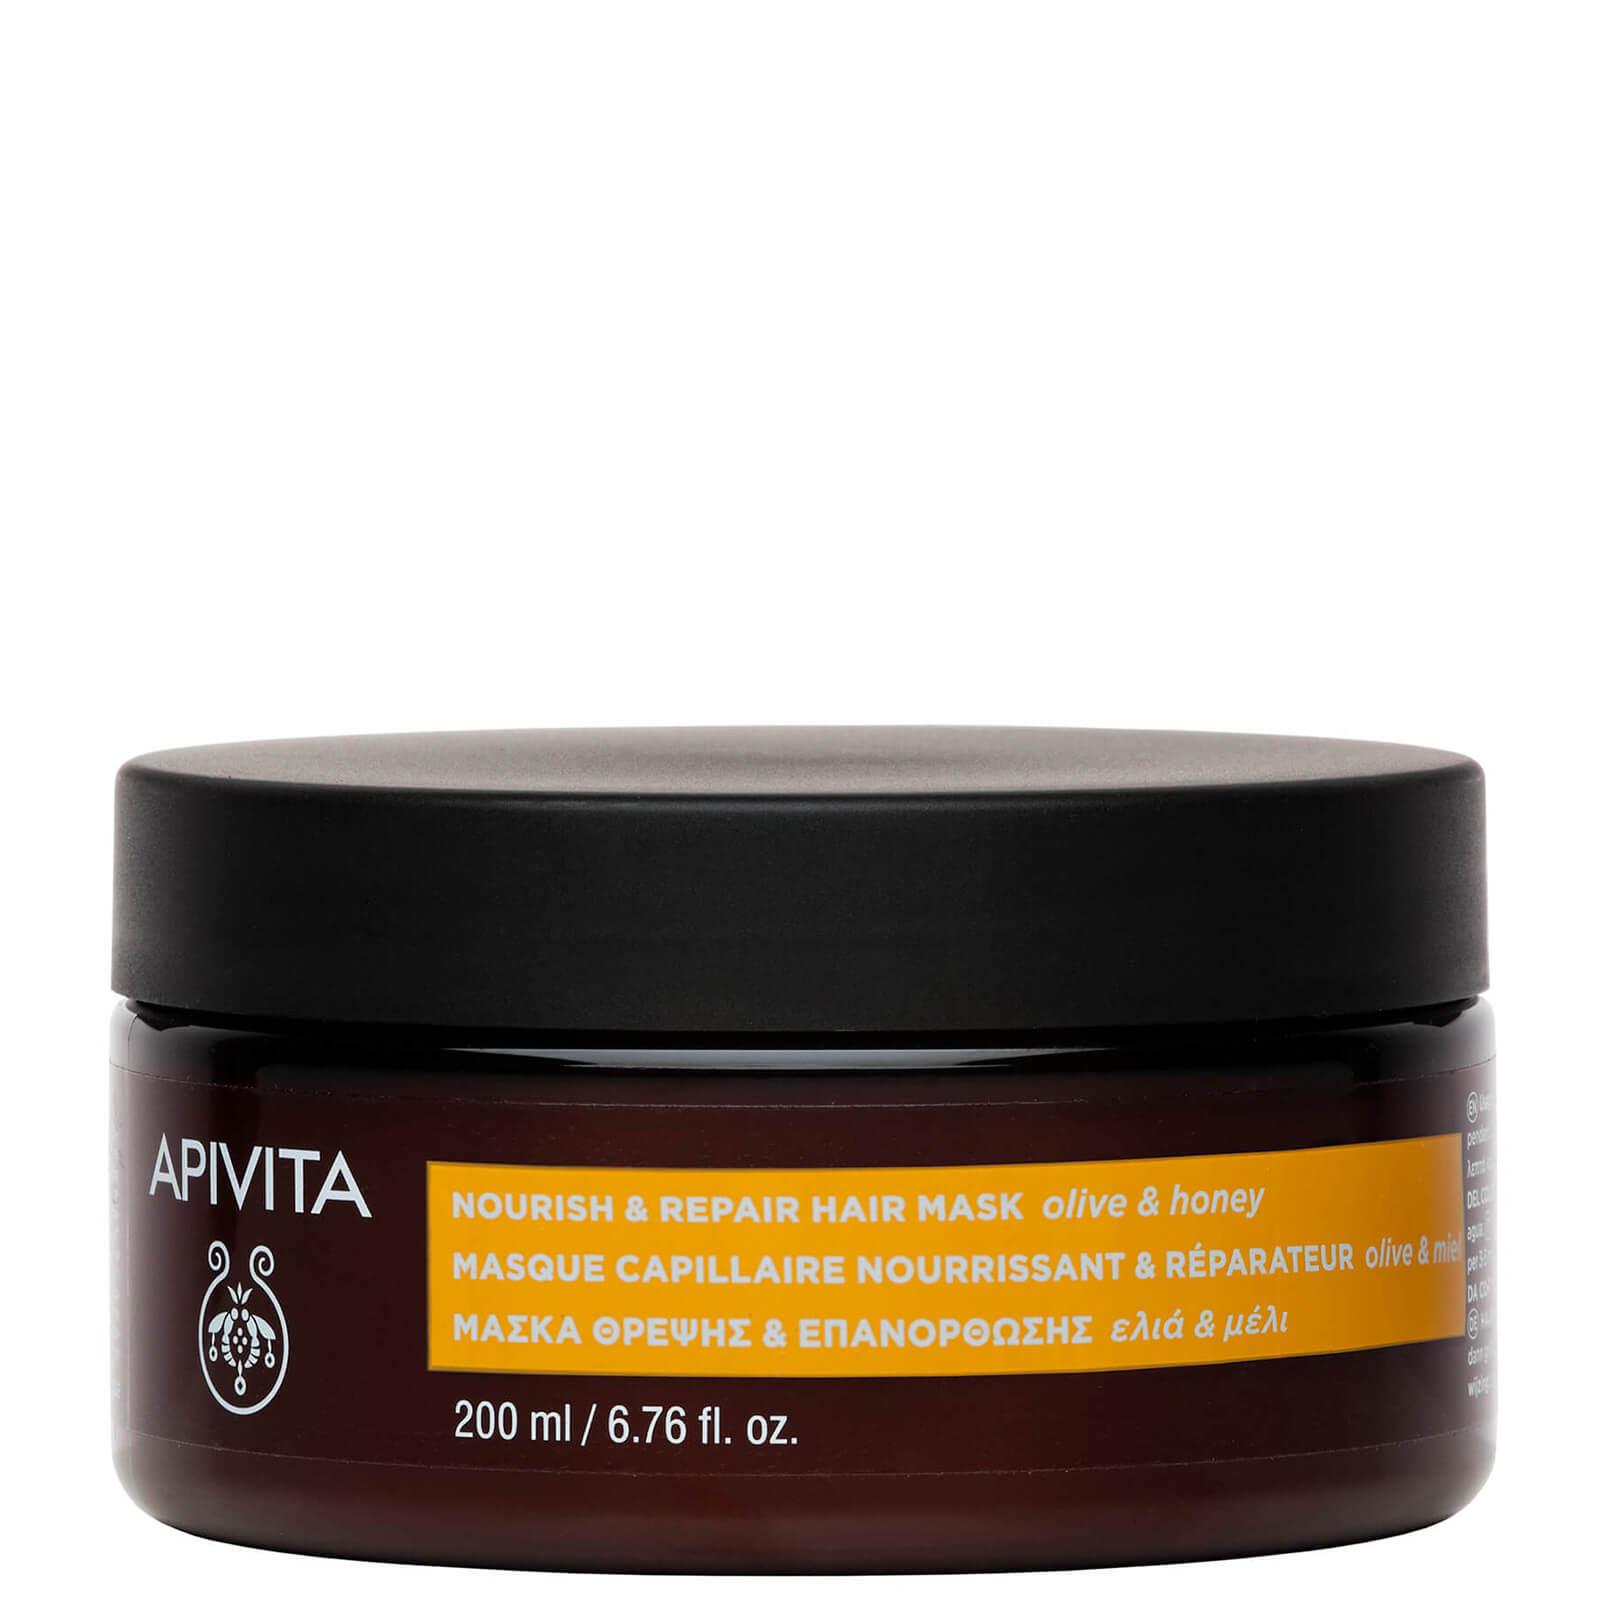 Купить Питательная восстанавливающая маска для волос APIVITA Holistic Hair Care Nourish & Repair Hair Mask - Olive & Honey 200 мл